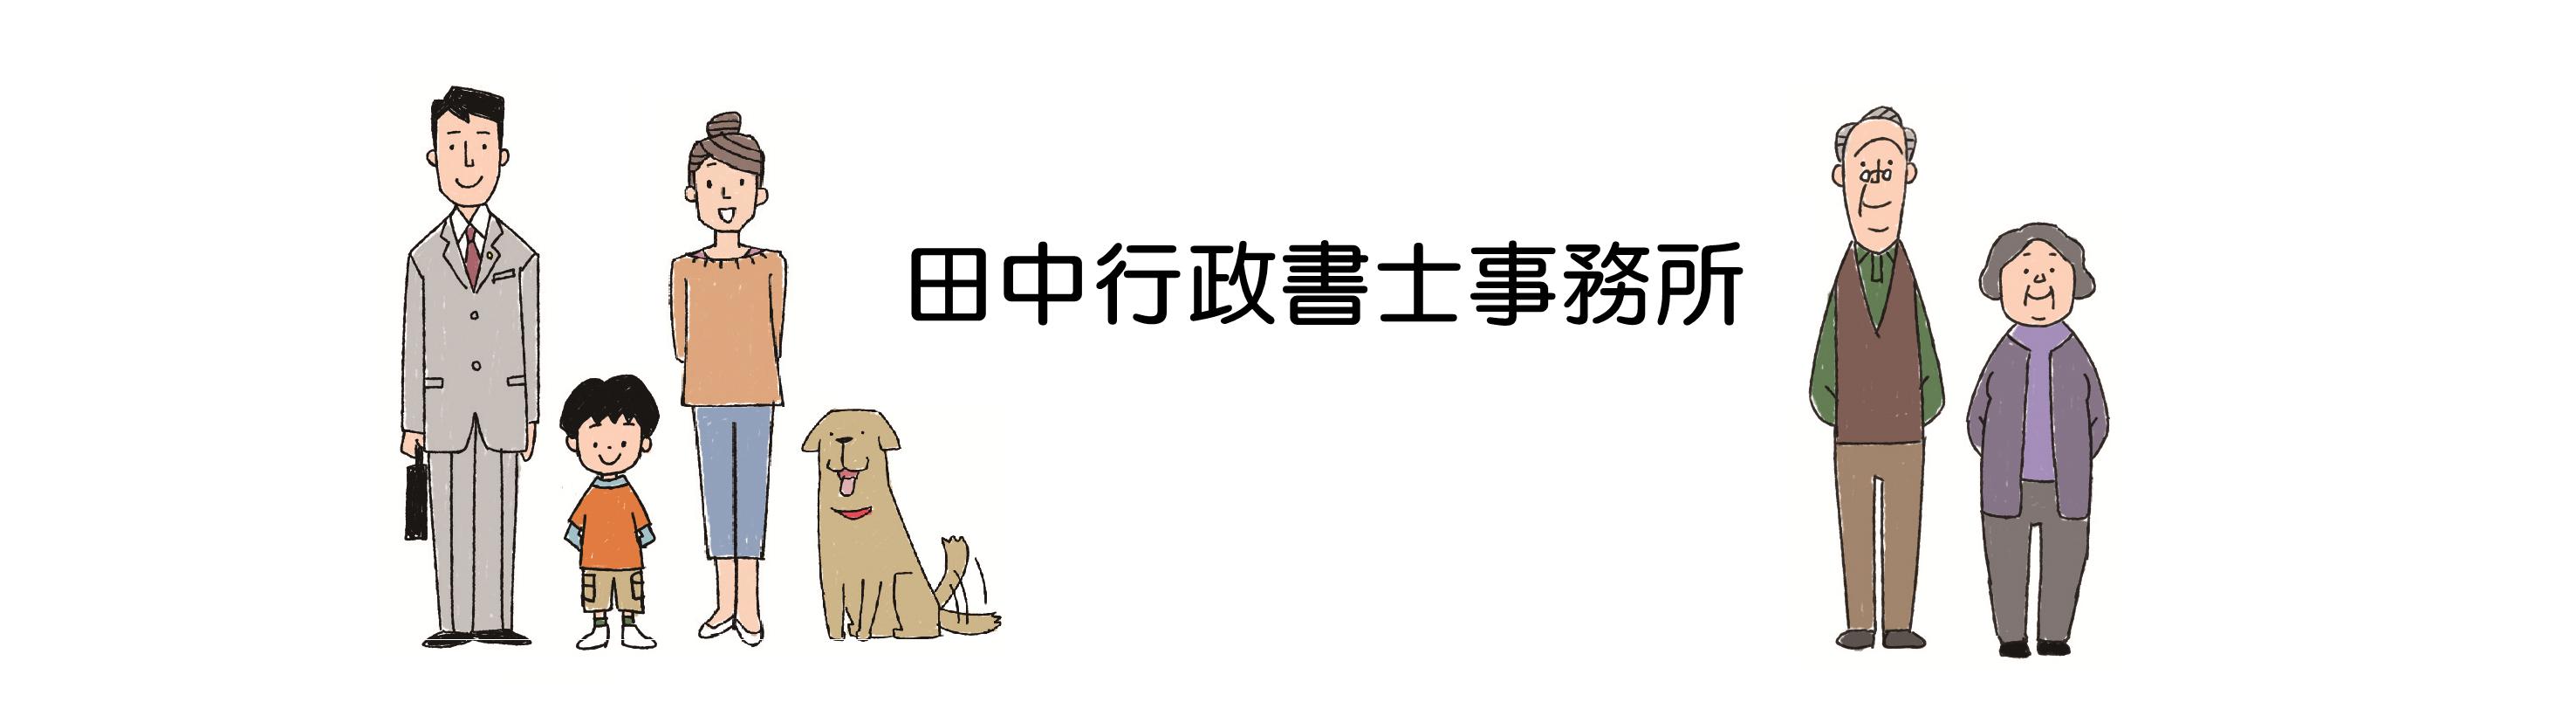 田中行政書士事務所|滋賀県大津市